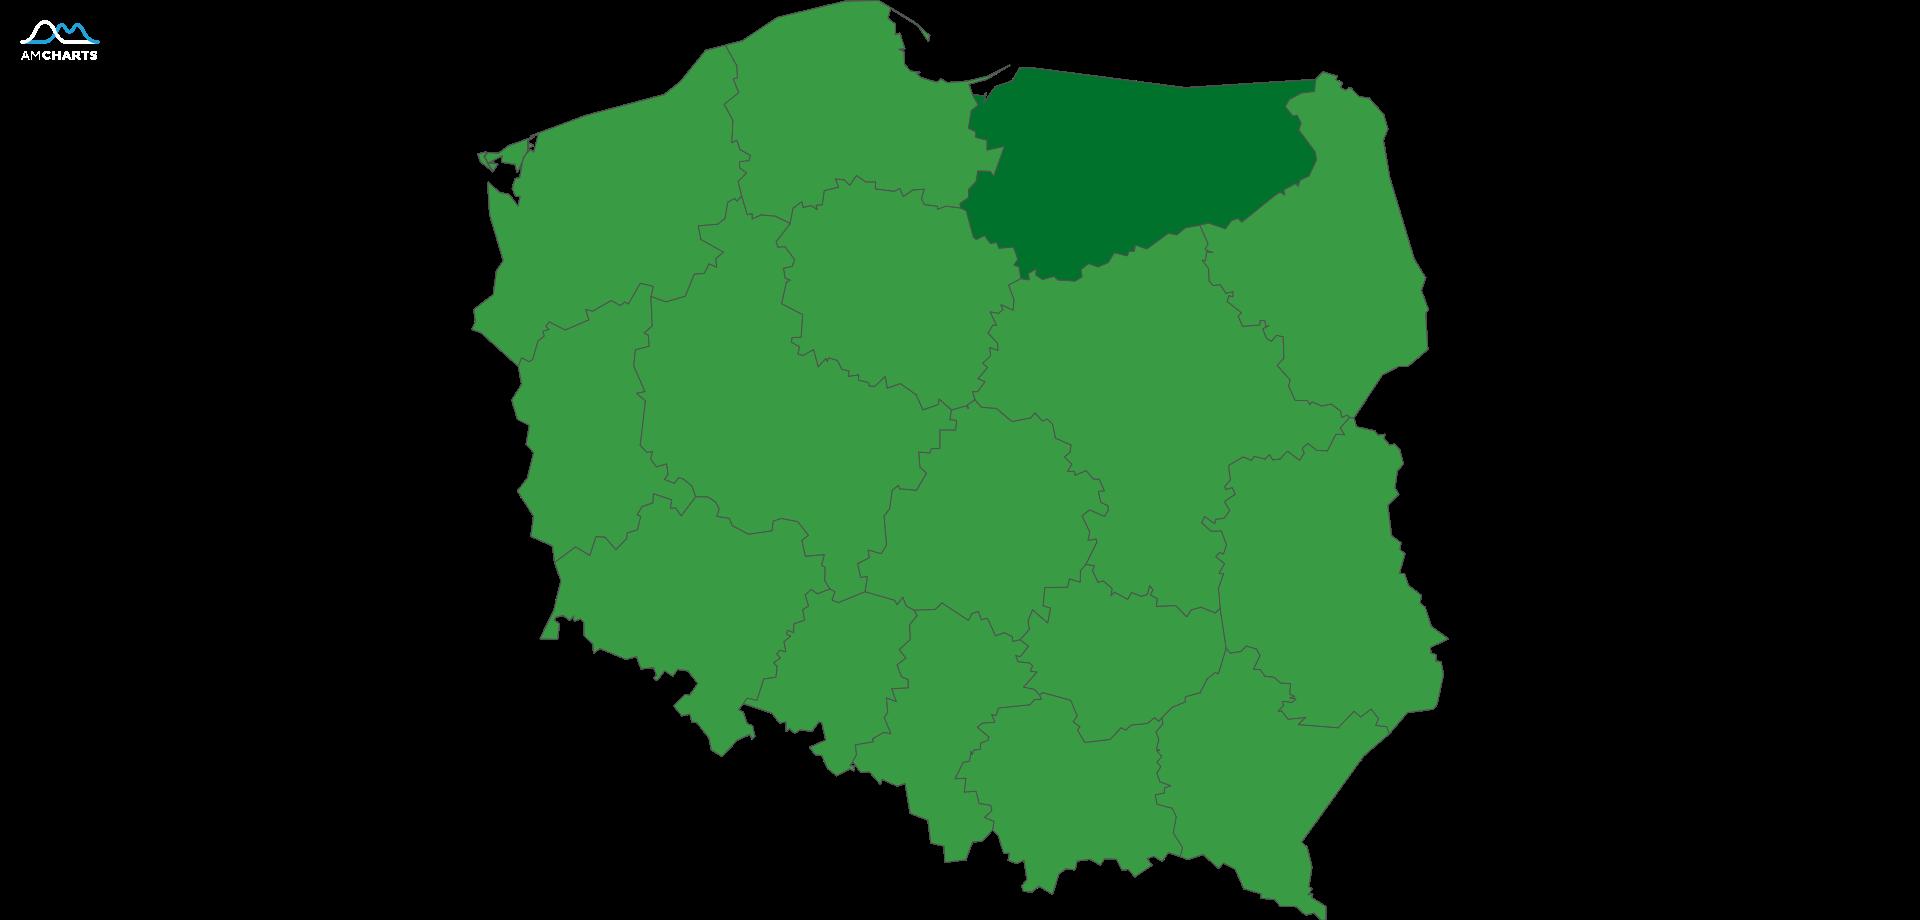 mapa wojewodztwo warminsko-mazurskie